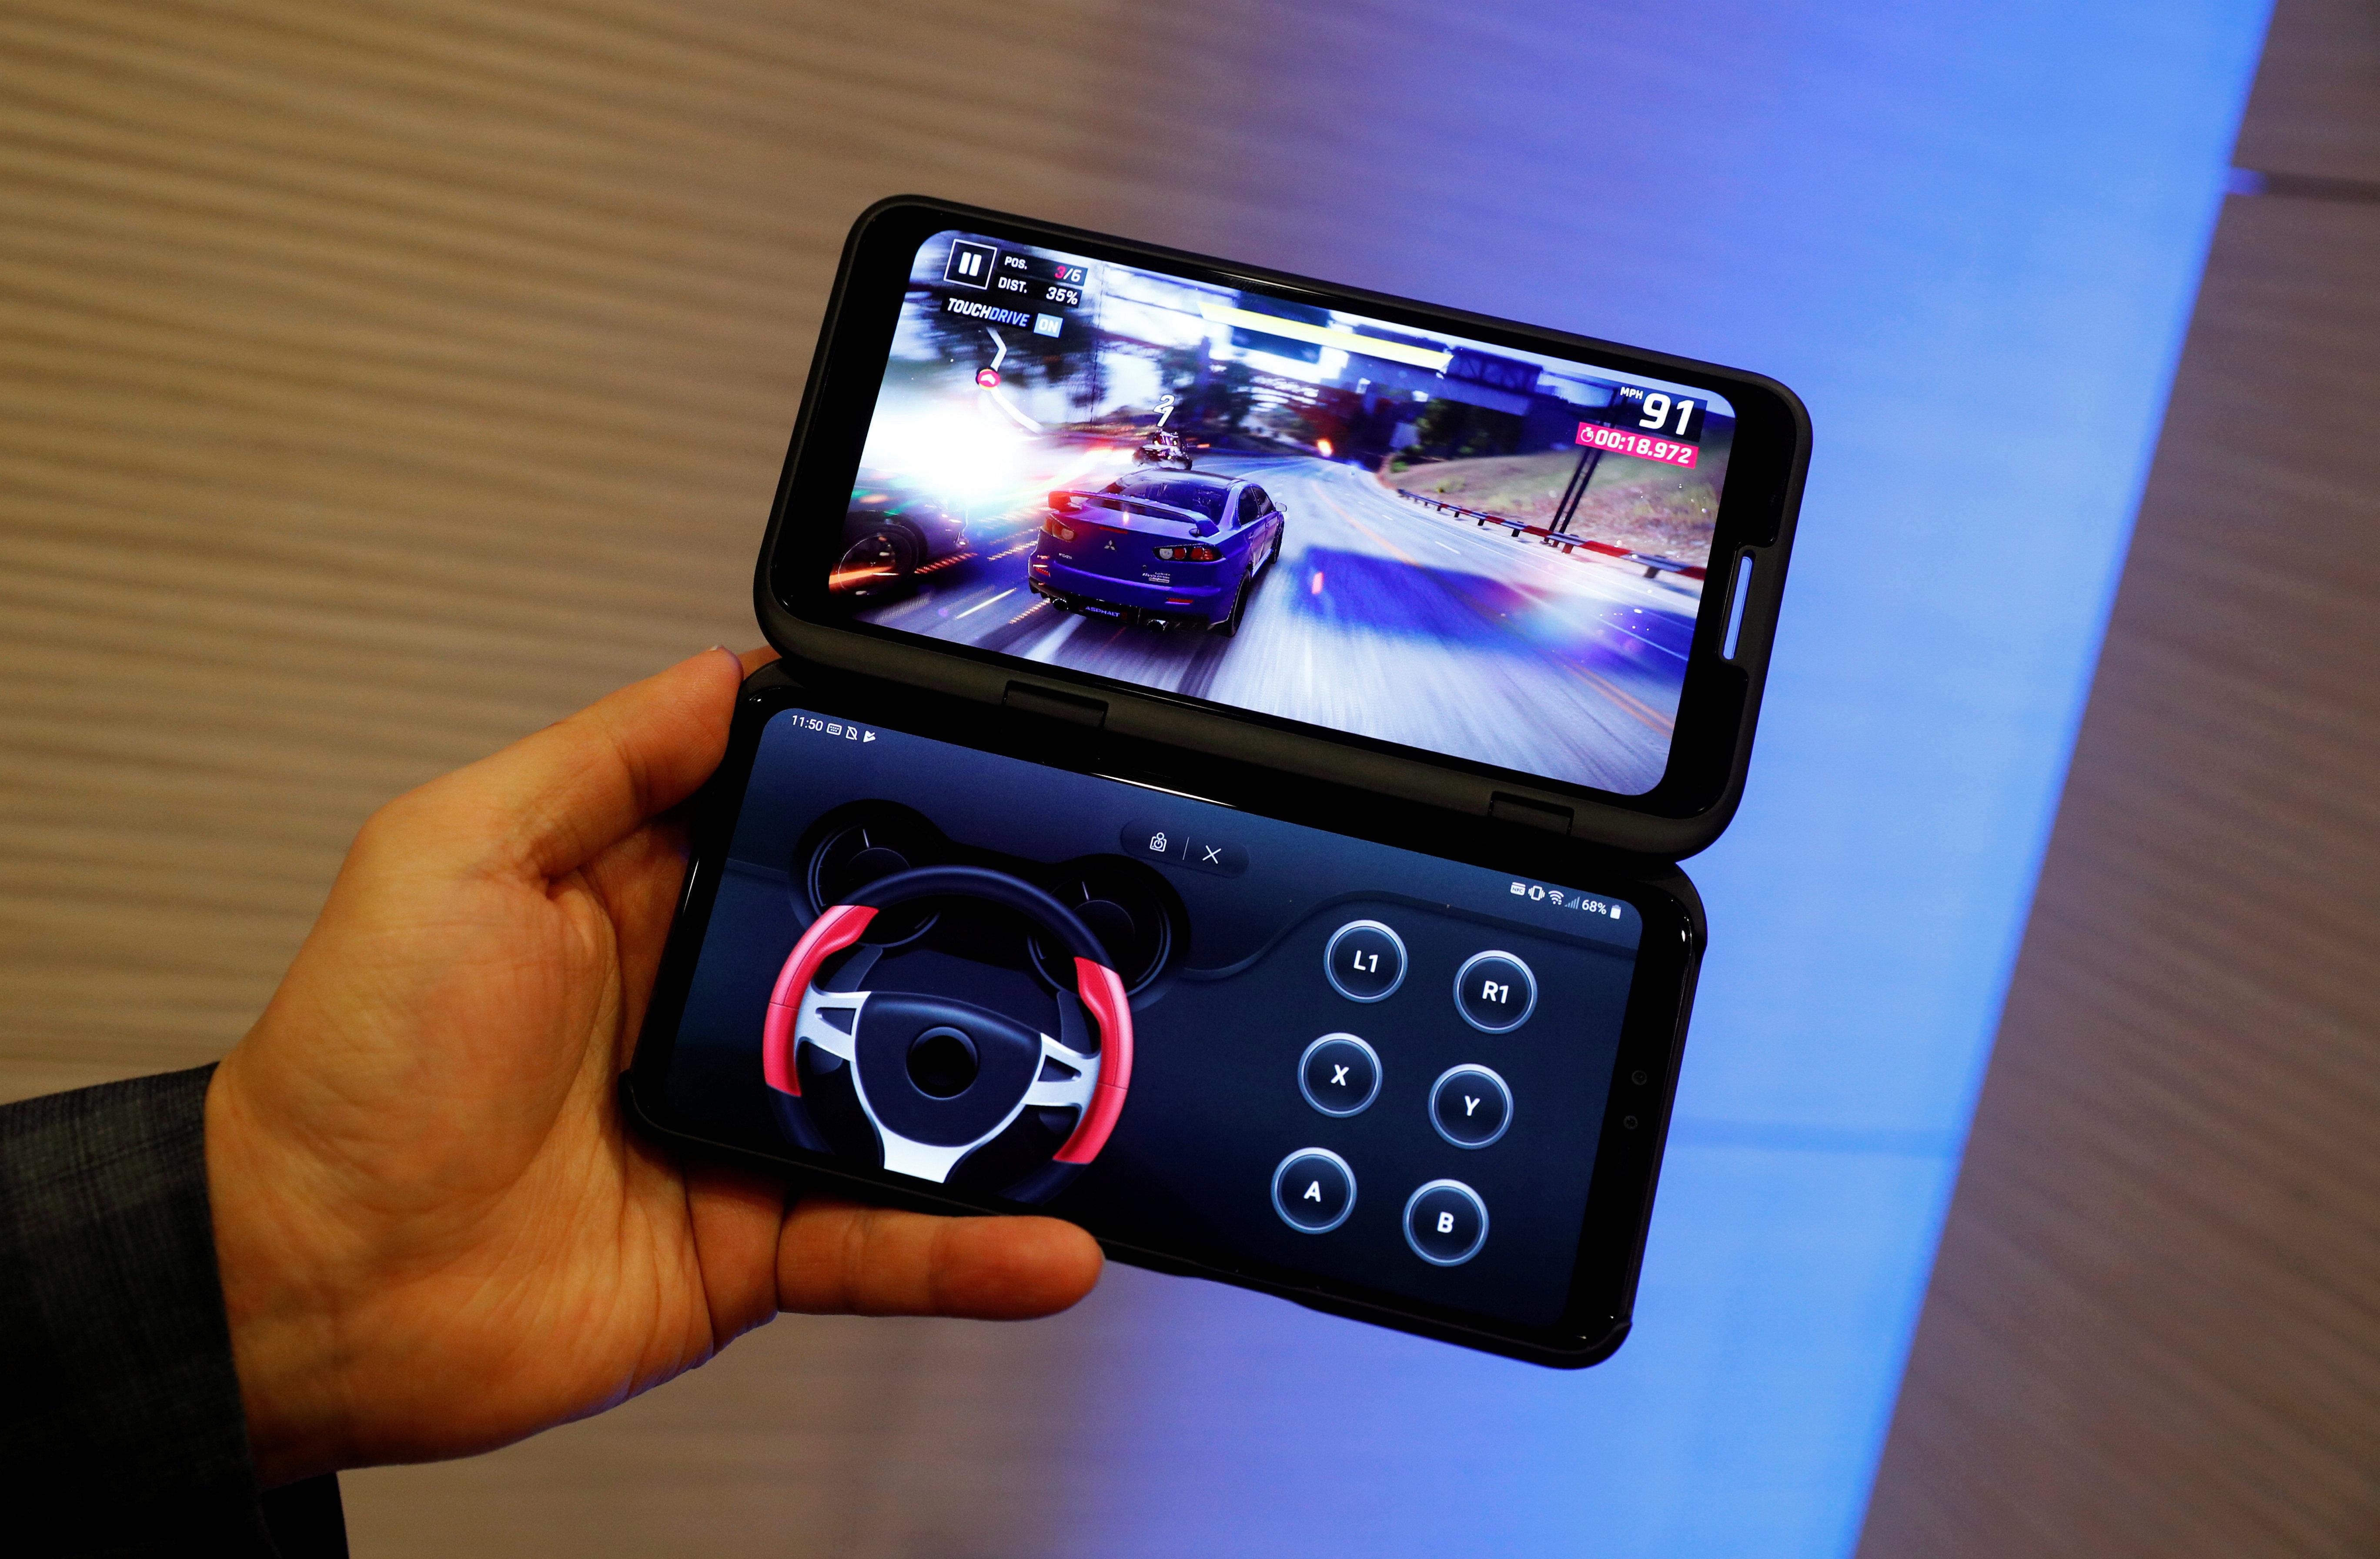 Νέο μοντέλο από την LG - Με διπλή οθόνη στη μάχη των κινητών τεχνολογίας